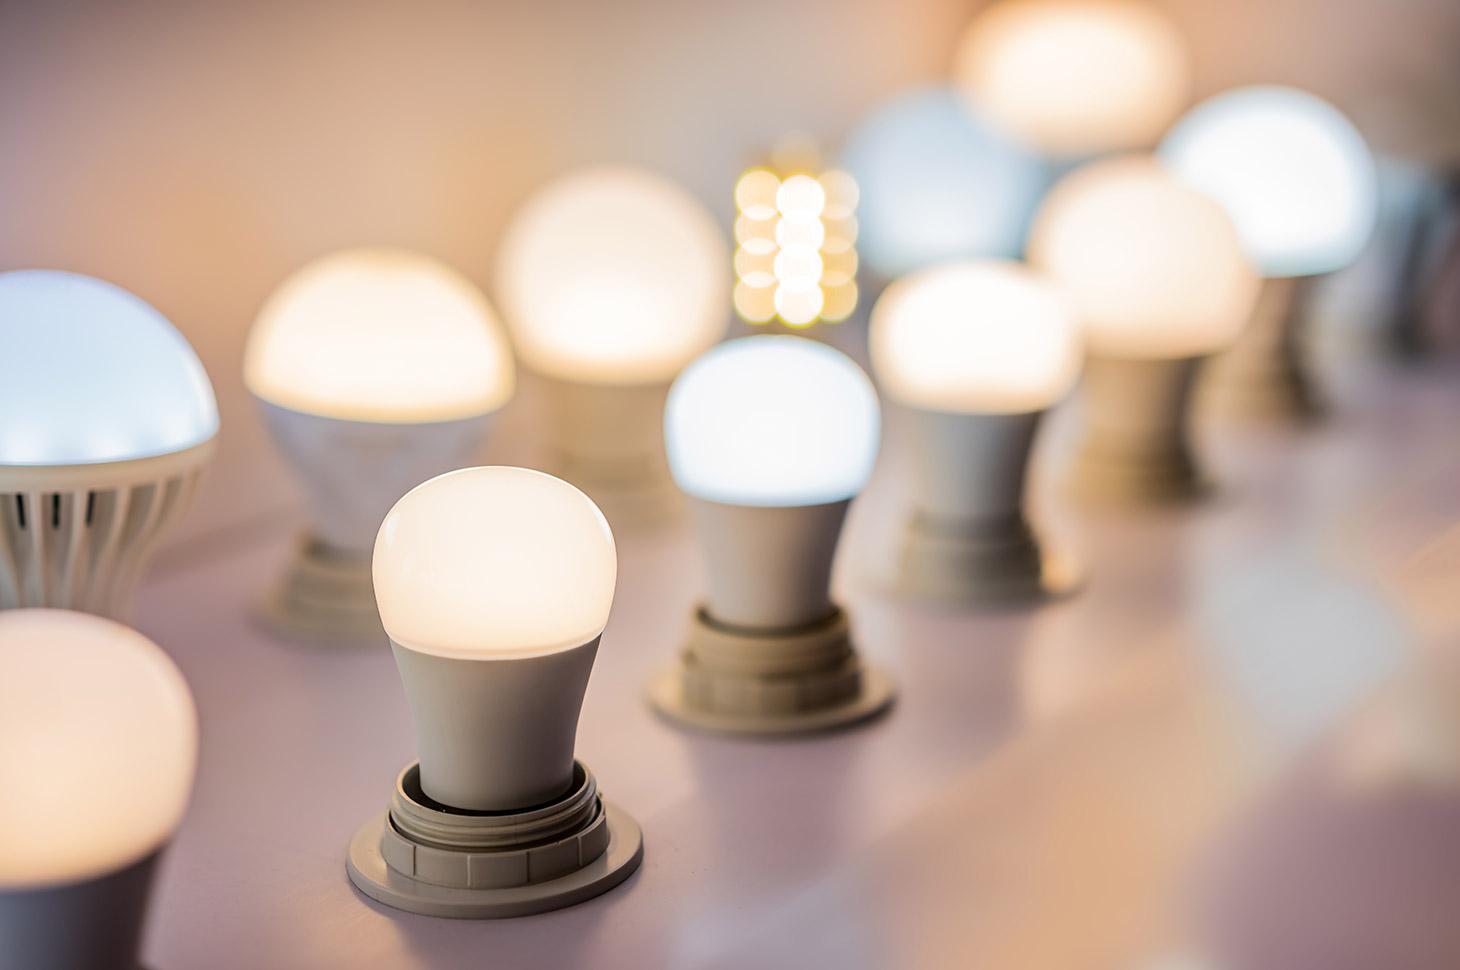 Obtenir la bonne lumière est le moyen le plus efficace pour créer un environnement confortable